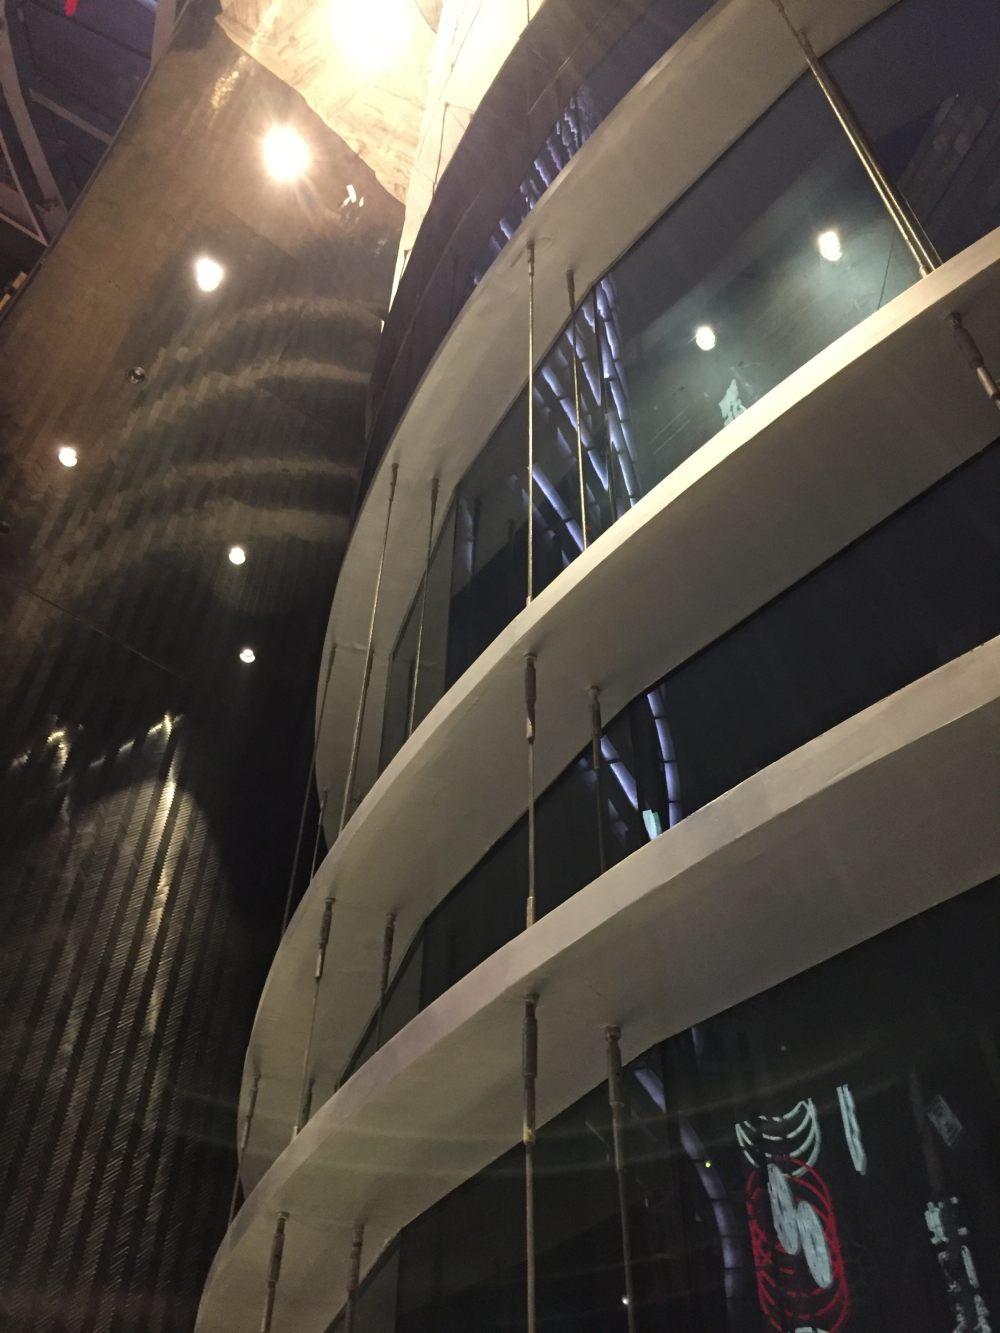 上海外滩W酒店,史上最全入住体验 自拍分享,申请置...._IMG_6021.JPG